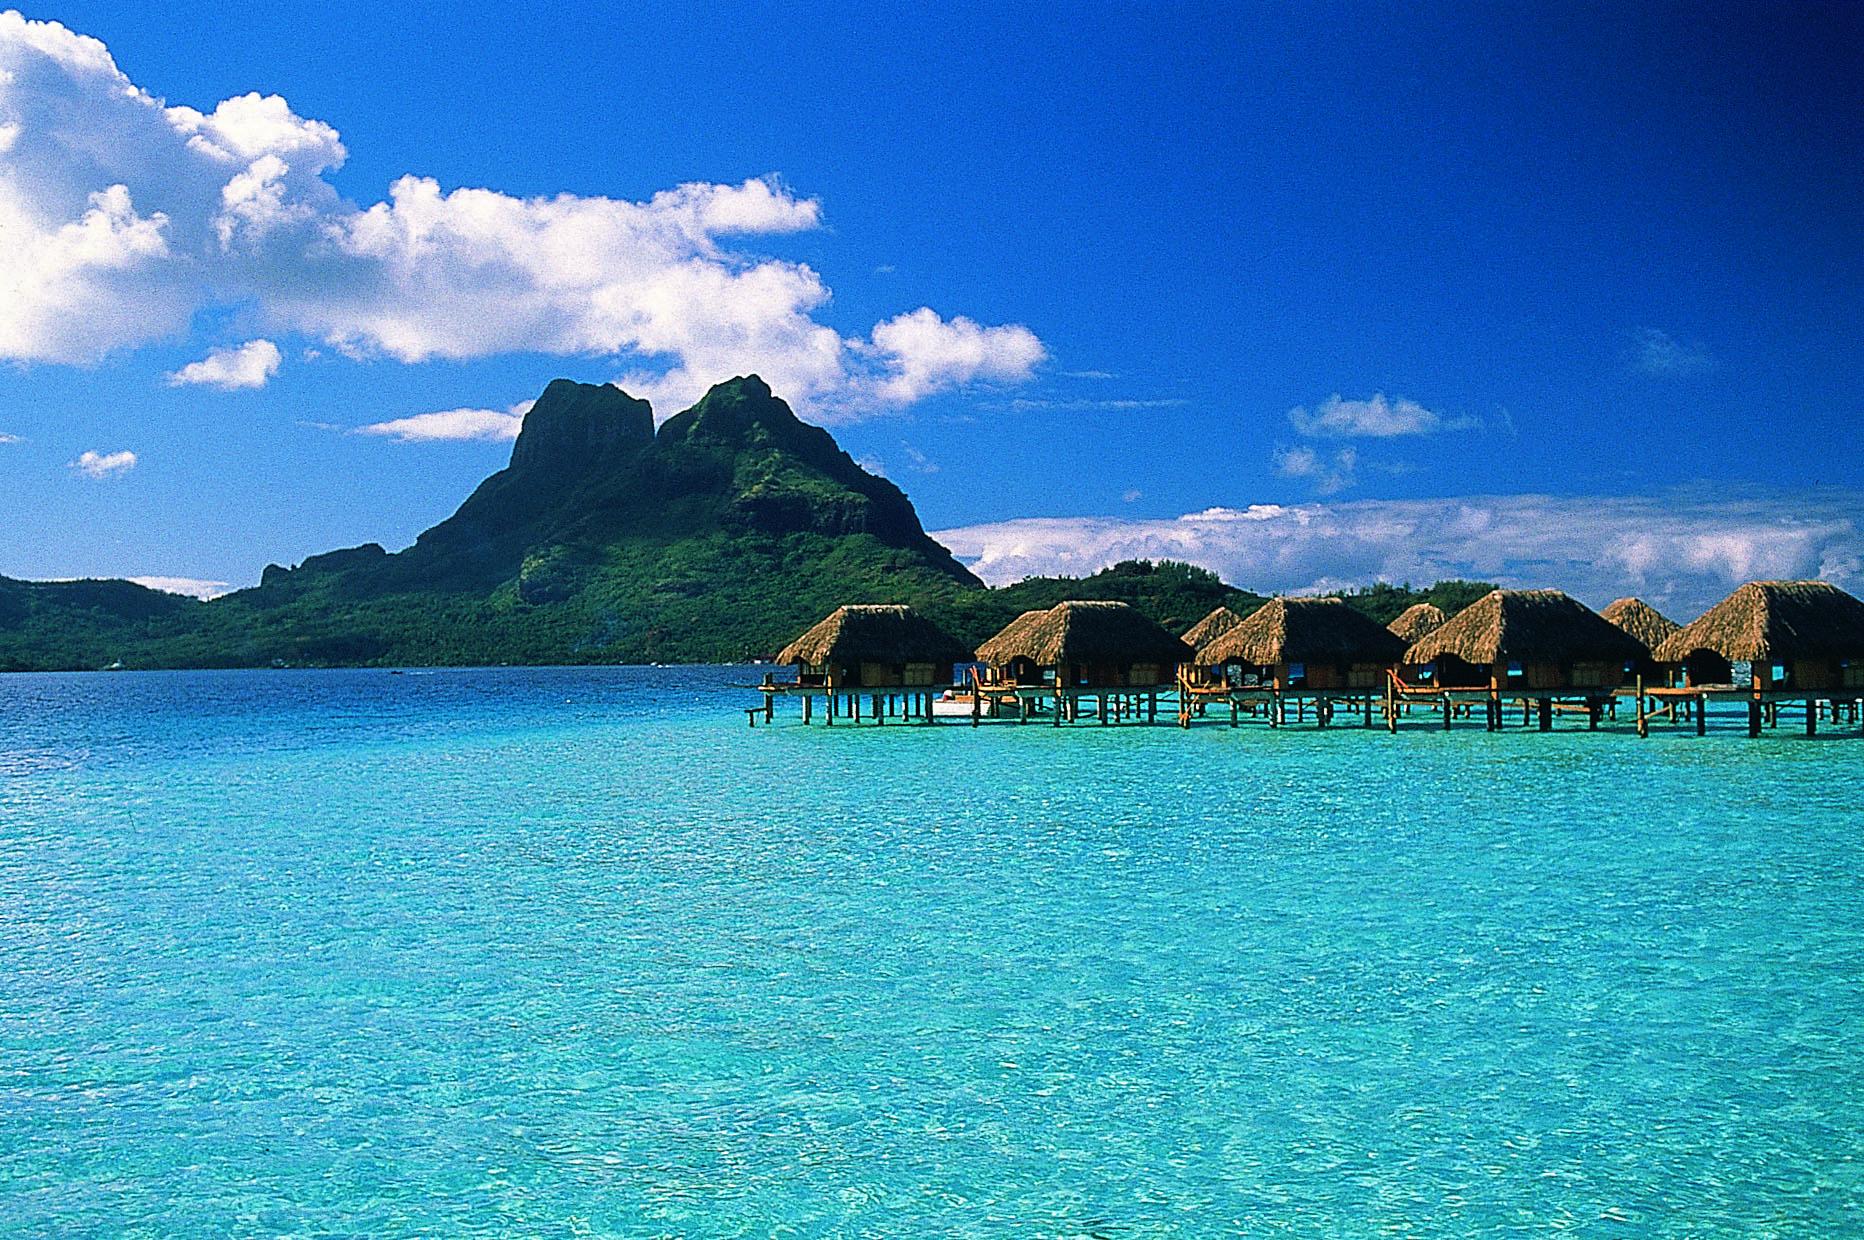 波拉波拉岛珍珠度假村<br/>Bora Bora Pearl Beach Resort &#038; Spa